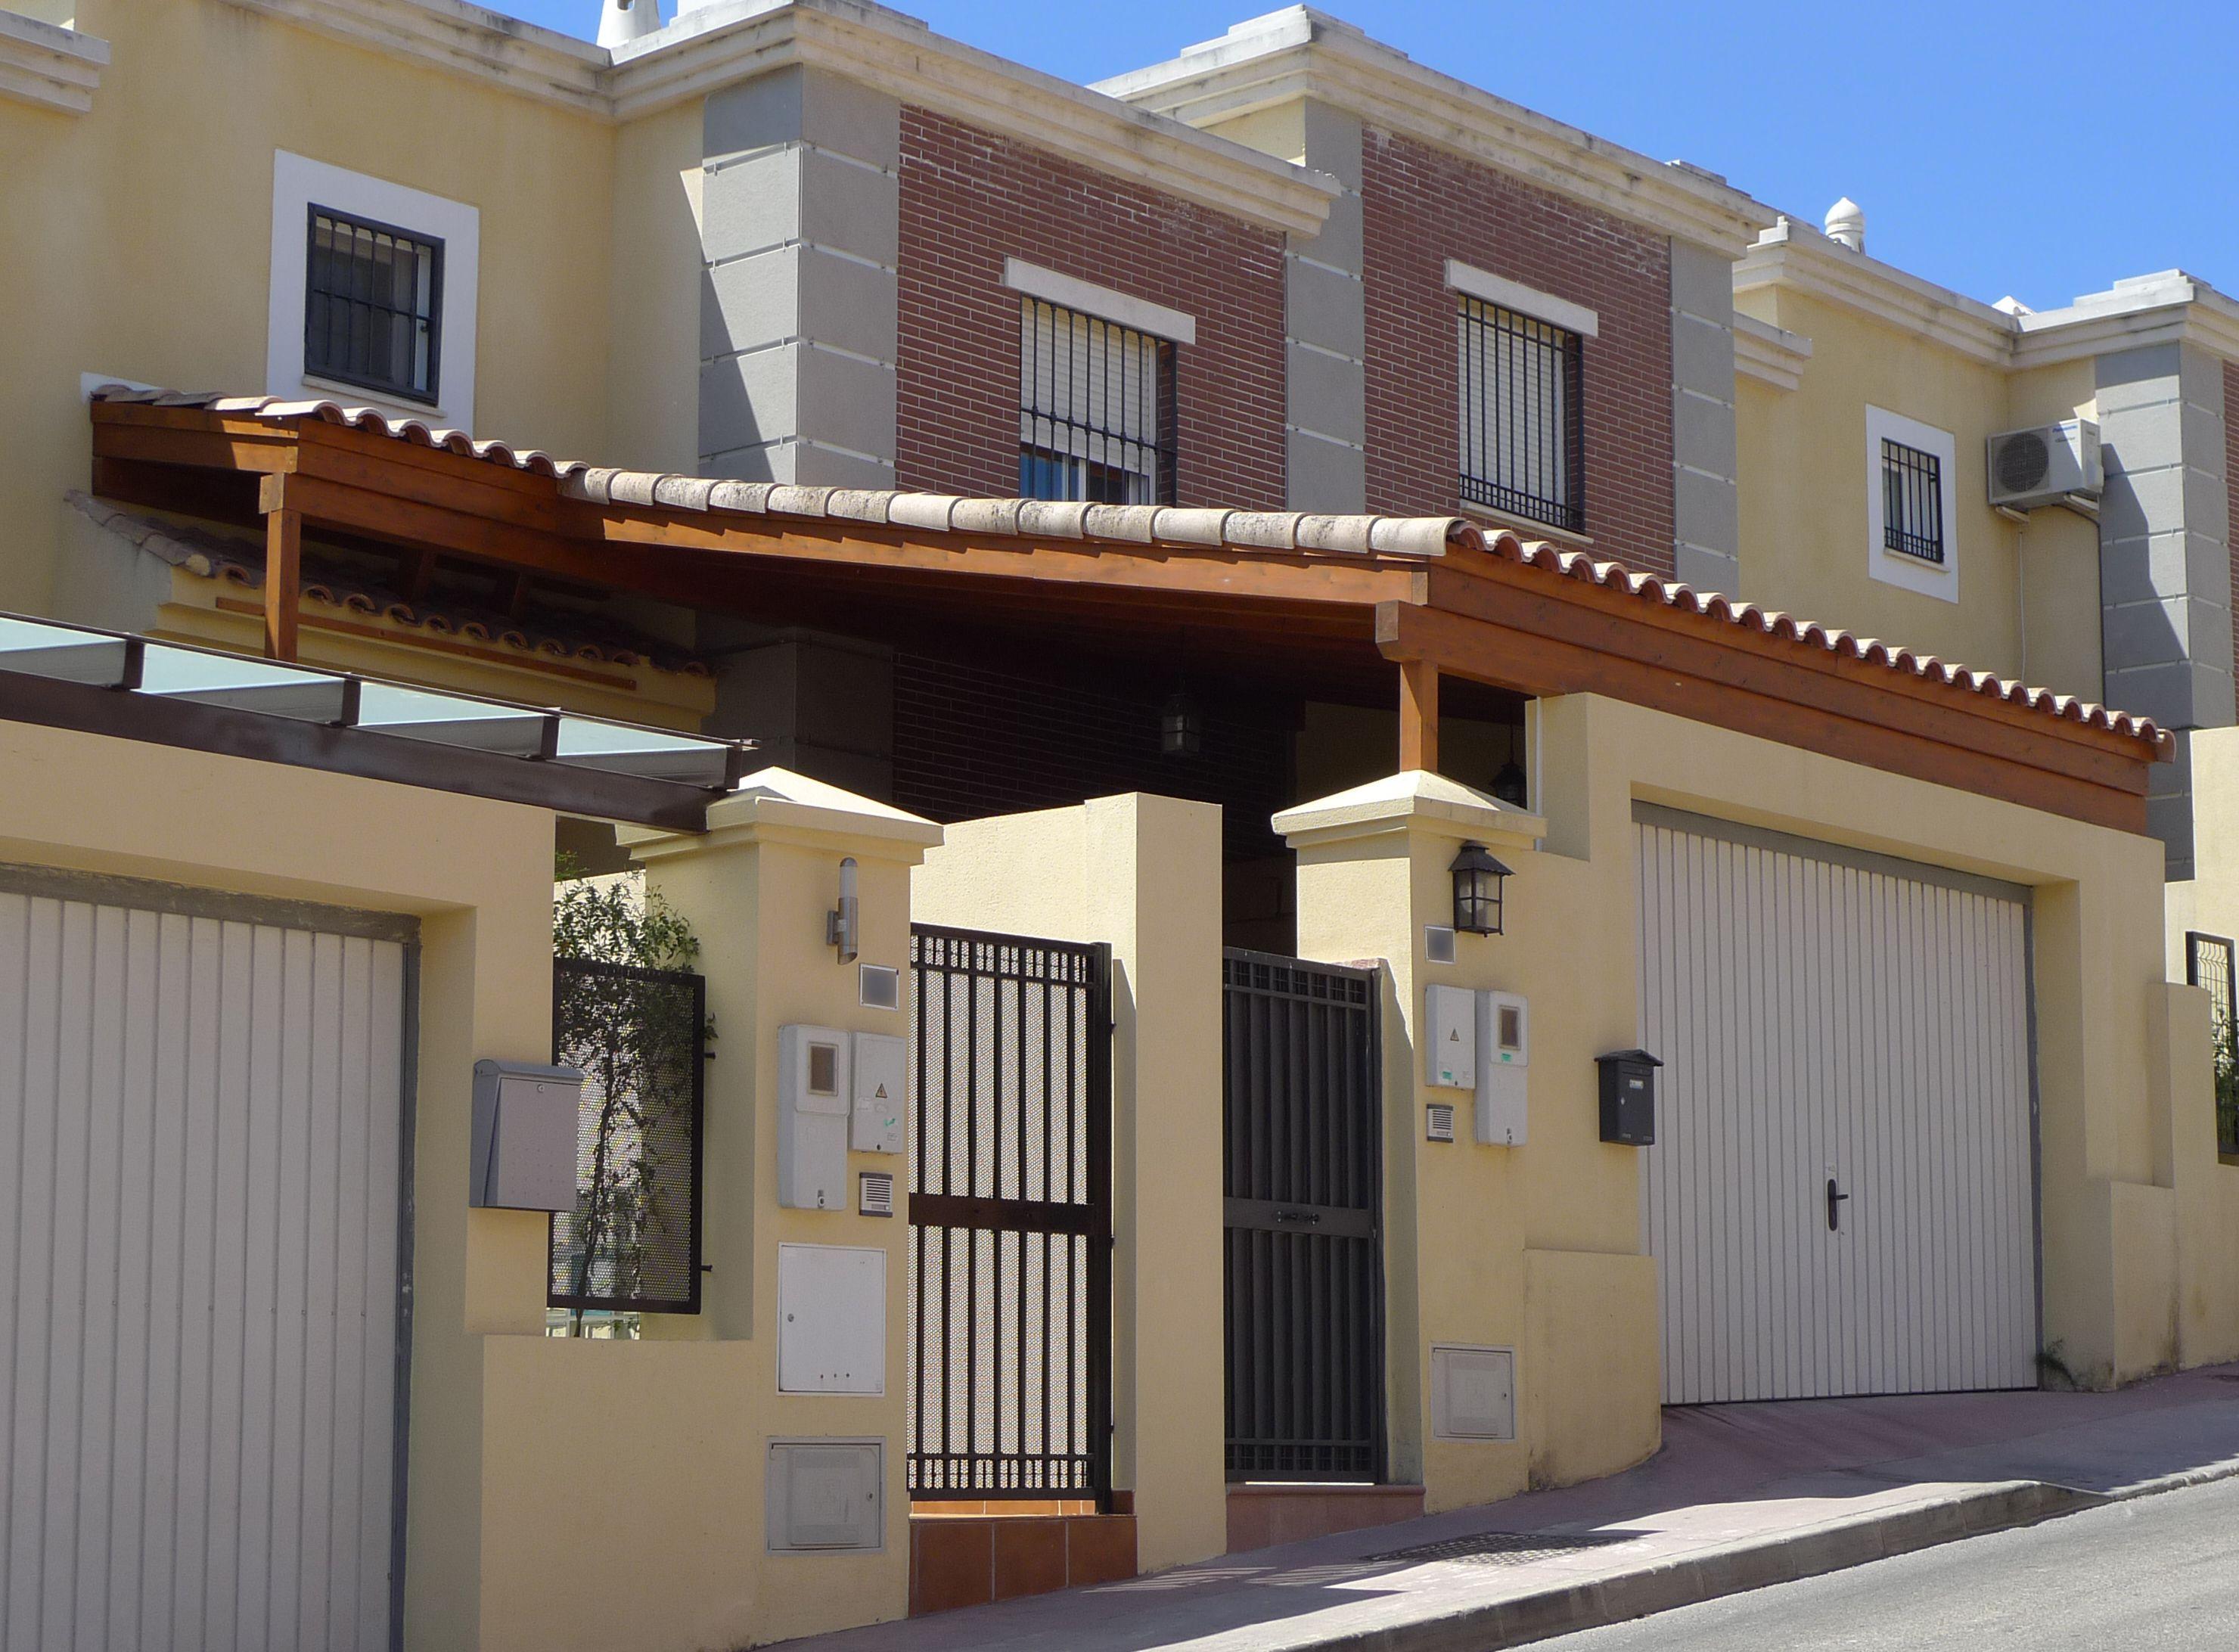 Parking de madera en entrada a vivienda con techo de tejas parking madera adosado tejas - Parking de madera ...